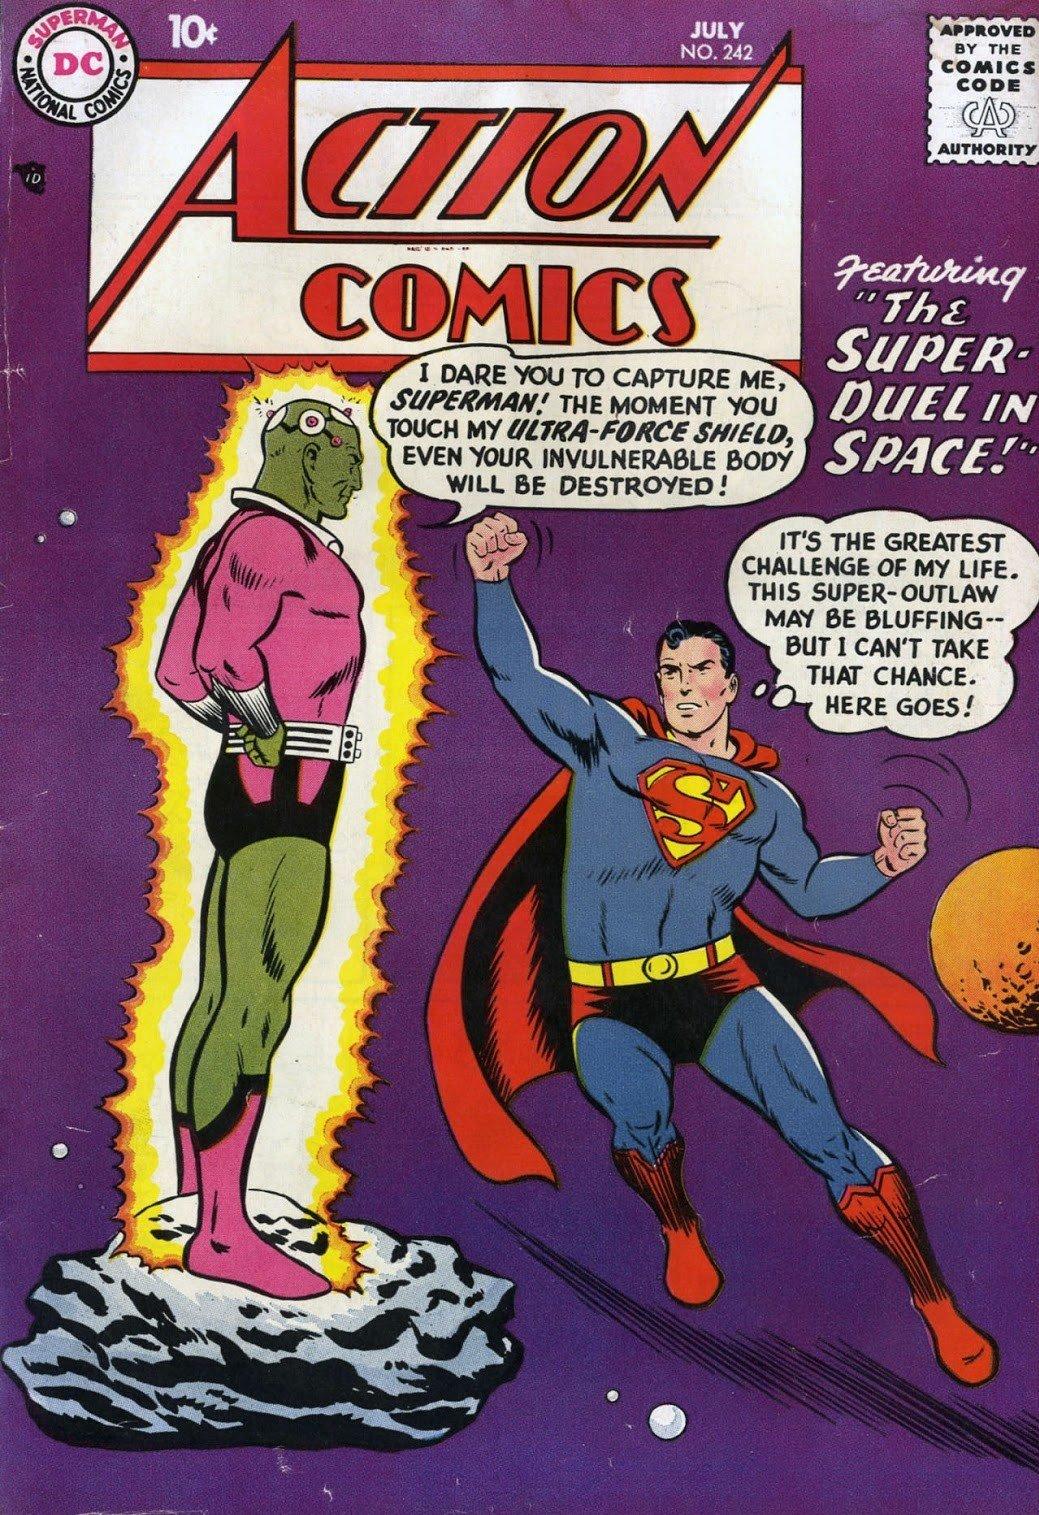 История Супермена иэволюция его образа вкомиксах | Канобу - Изображение 19